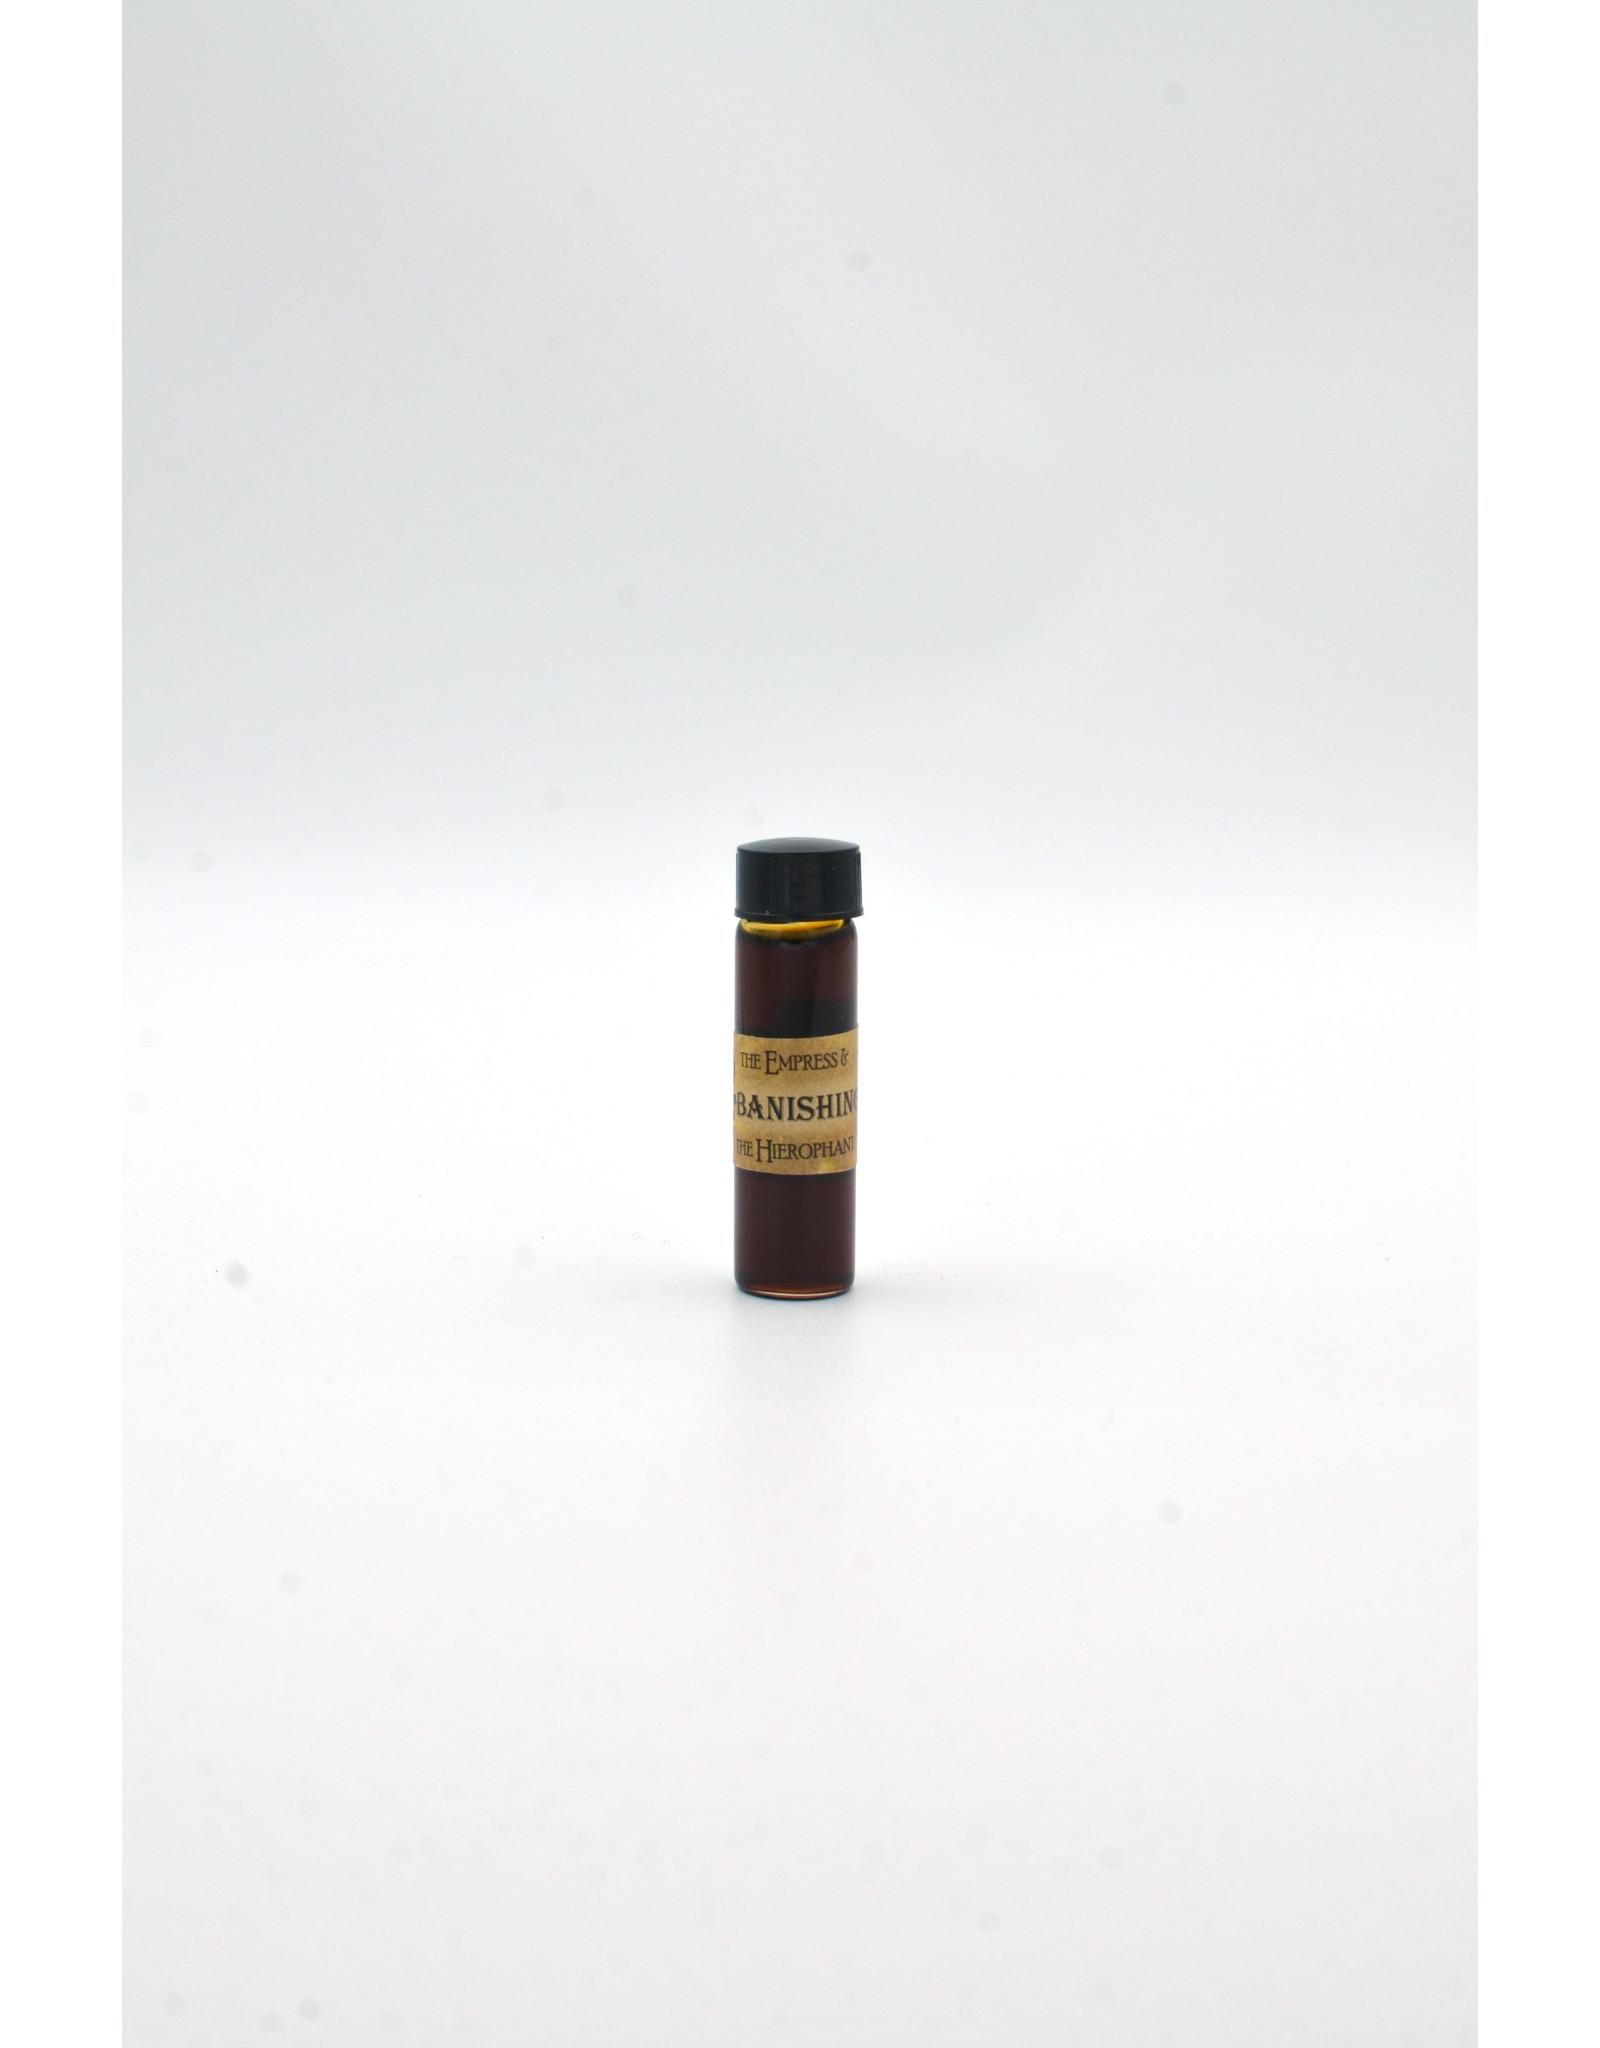 Banishing Magickal Oil 2 Dram Bottle